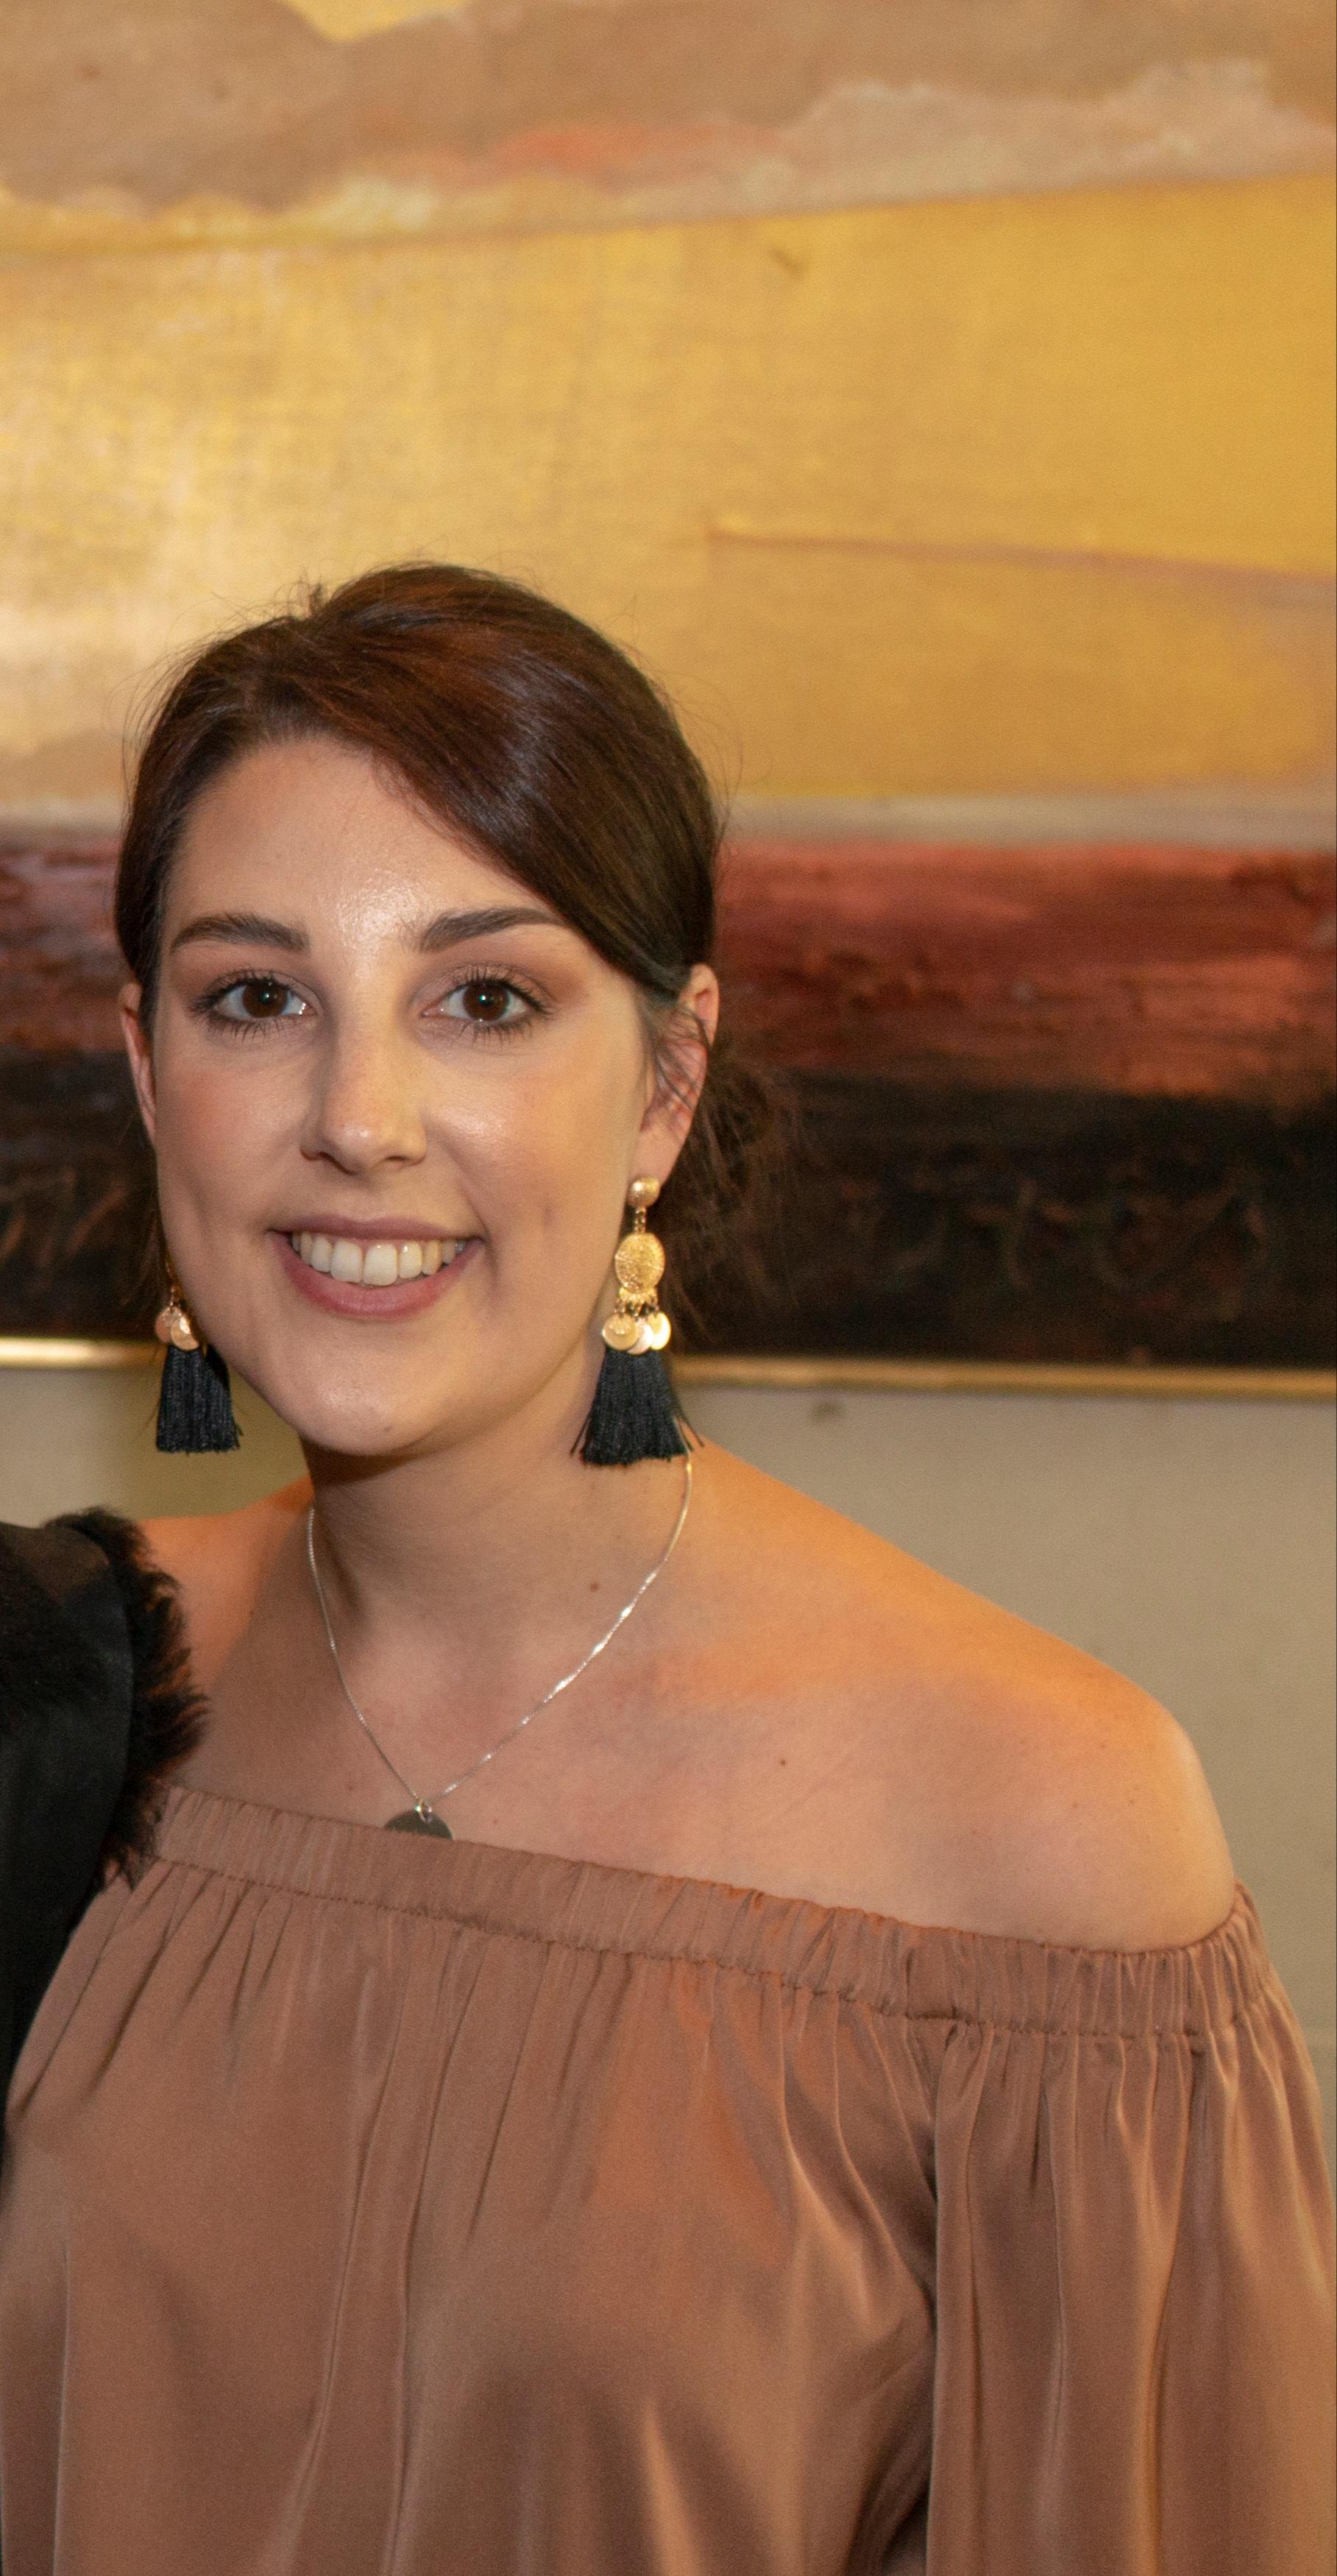 Danielle Snelling